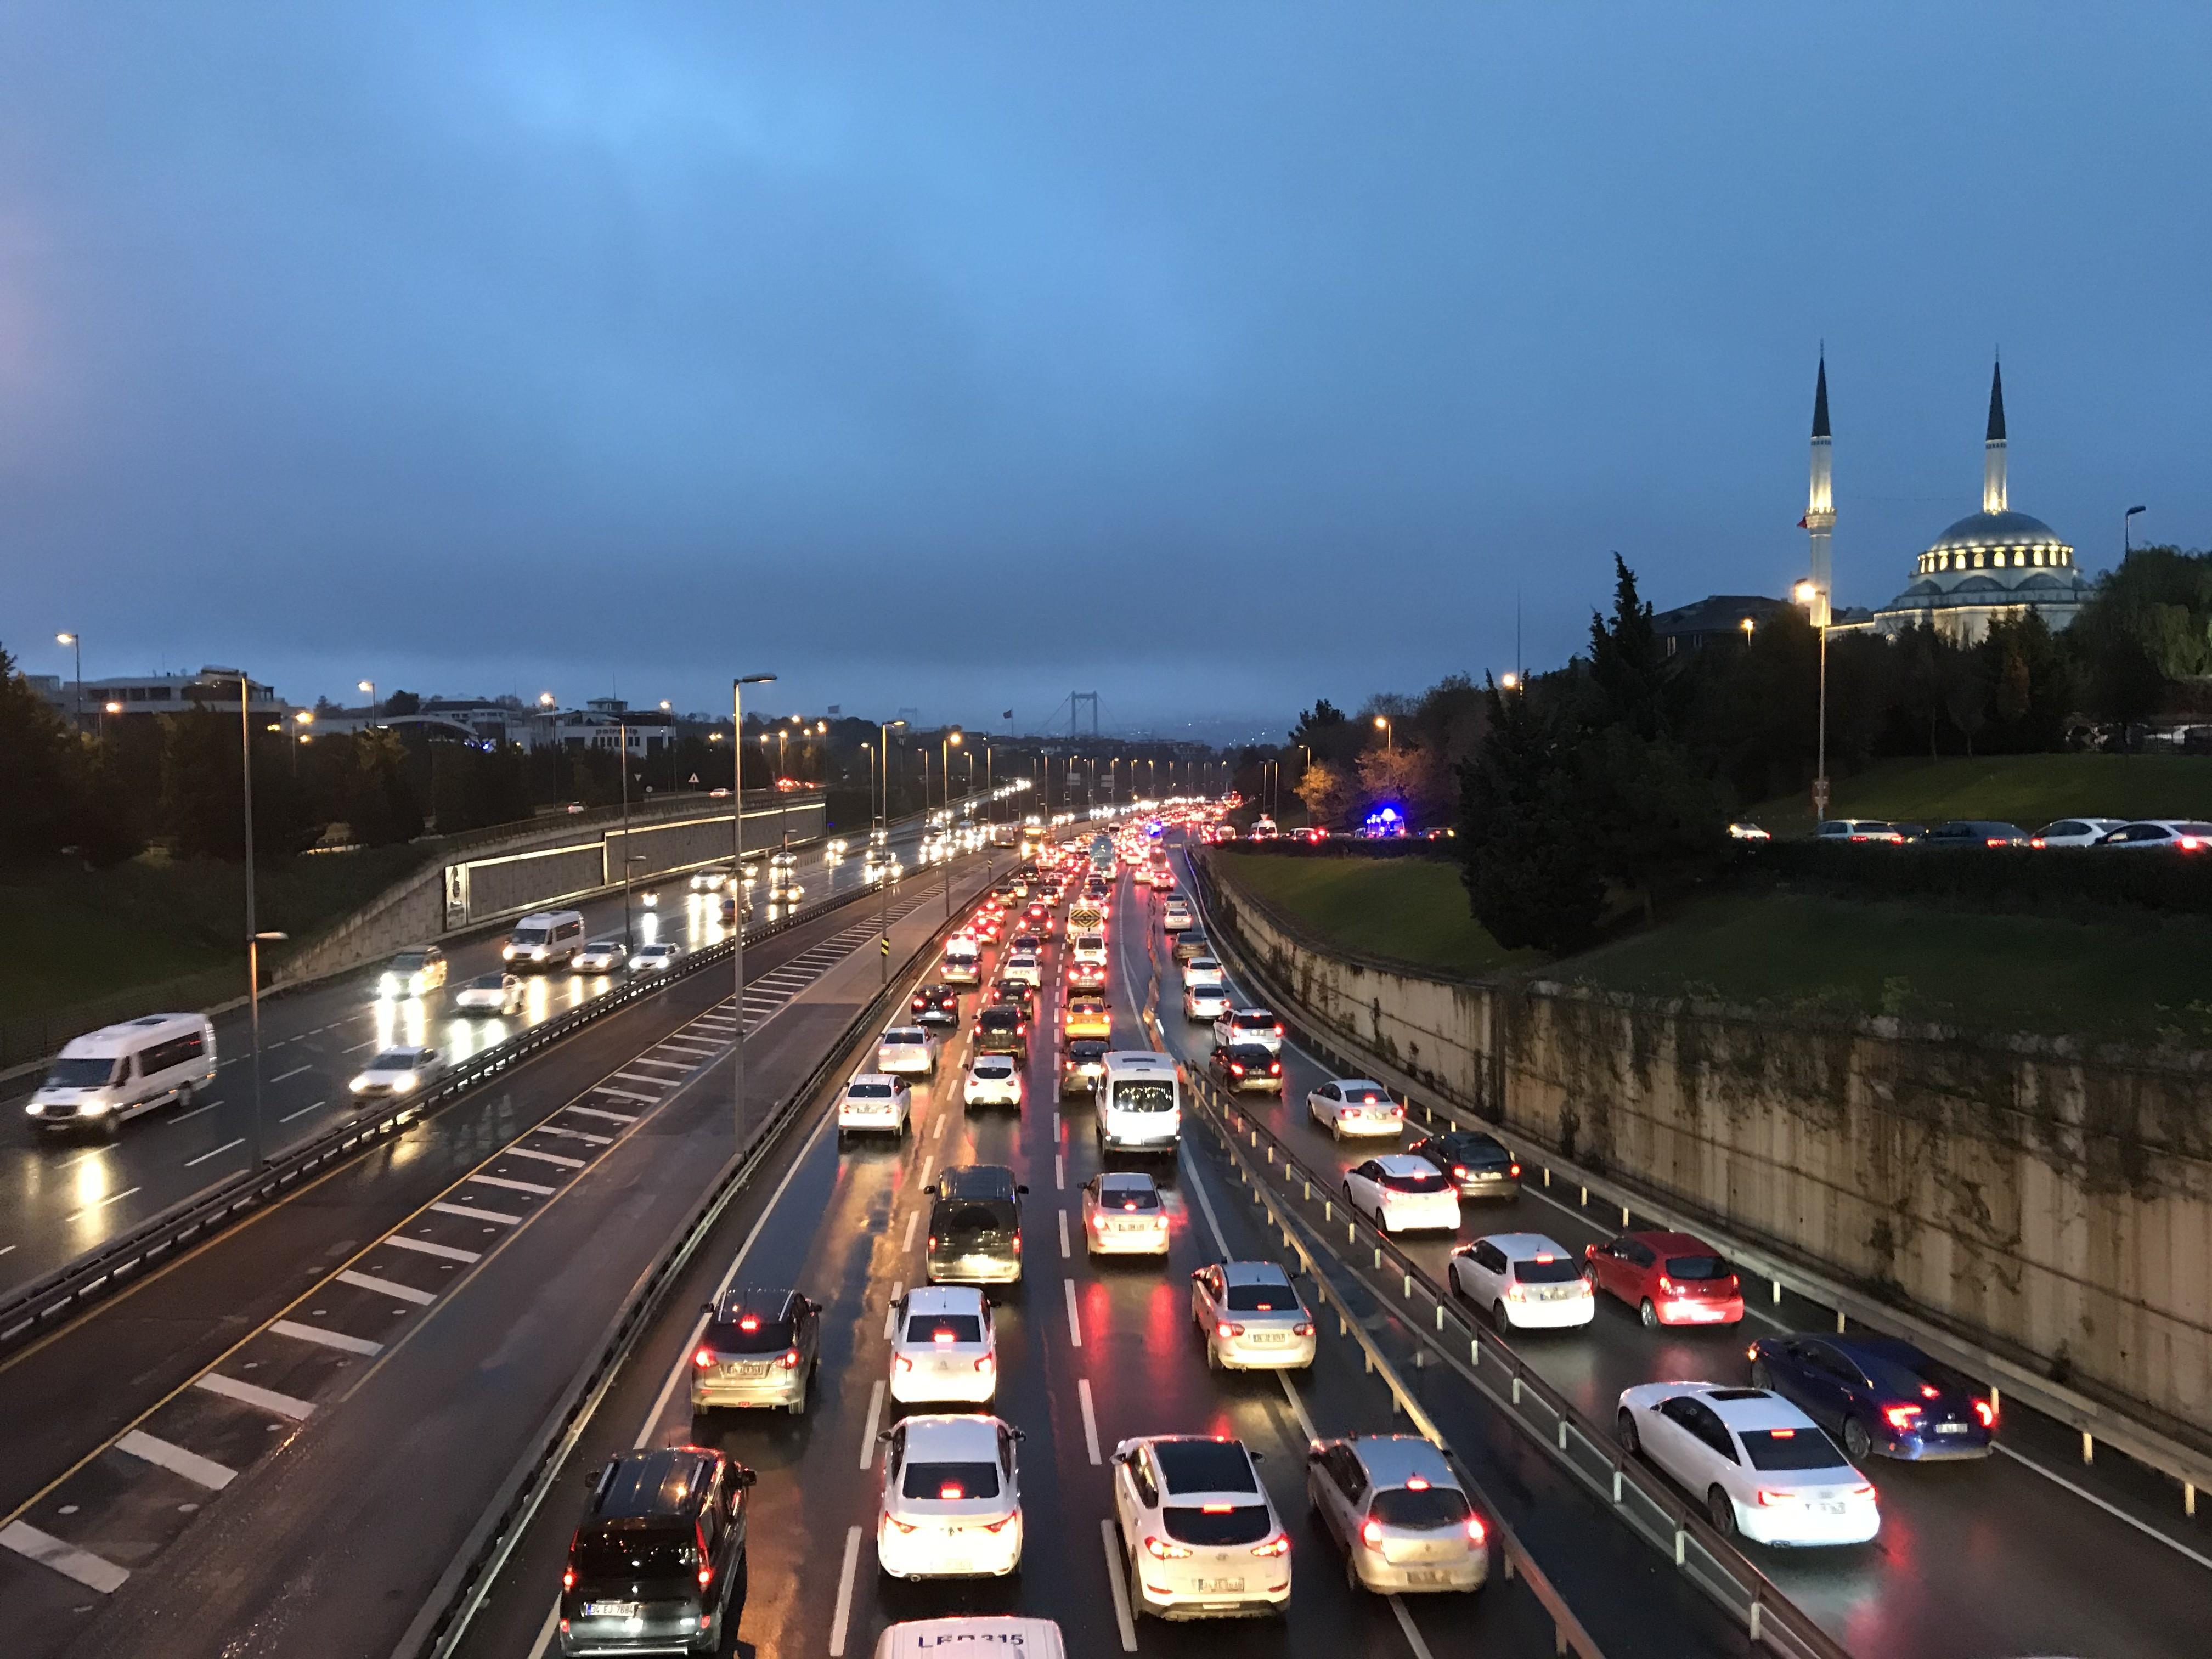 56 saatlik kısıtlama sonrası İstanbul'da trafik yoğunluğu!